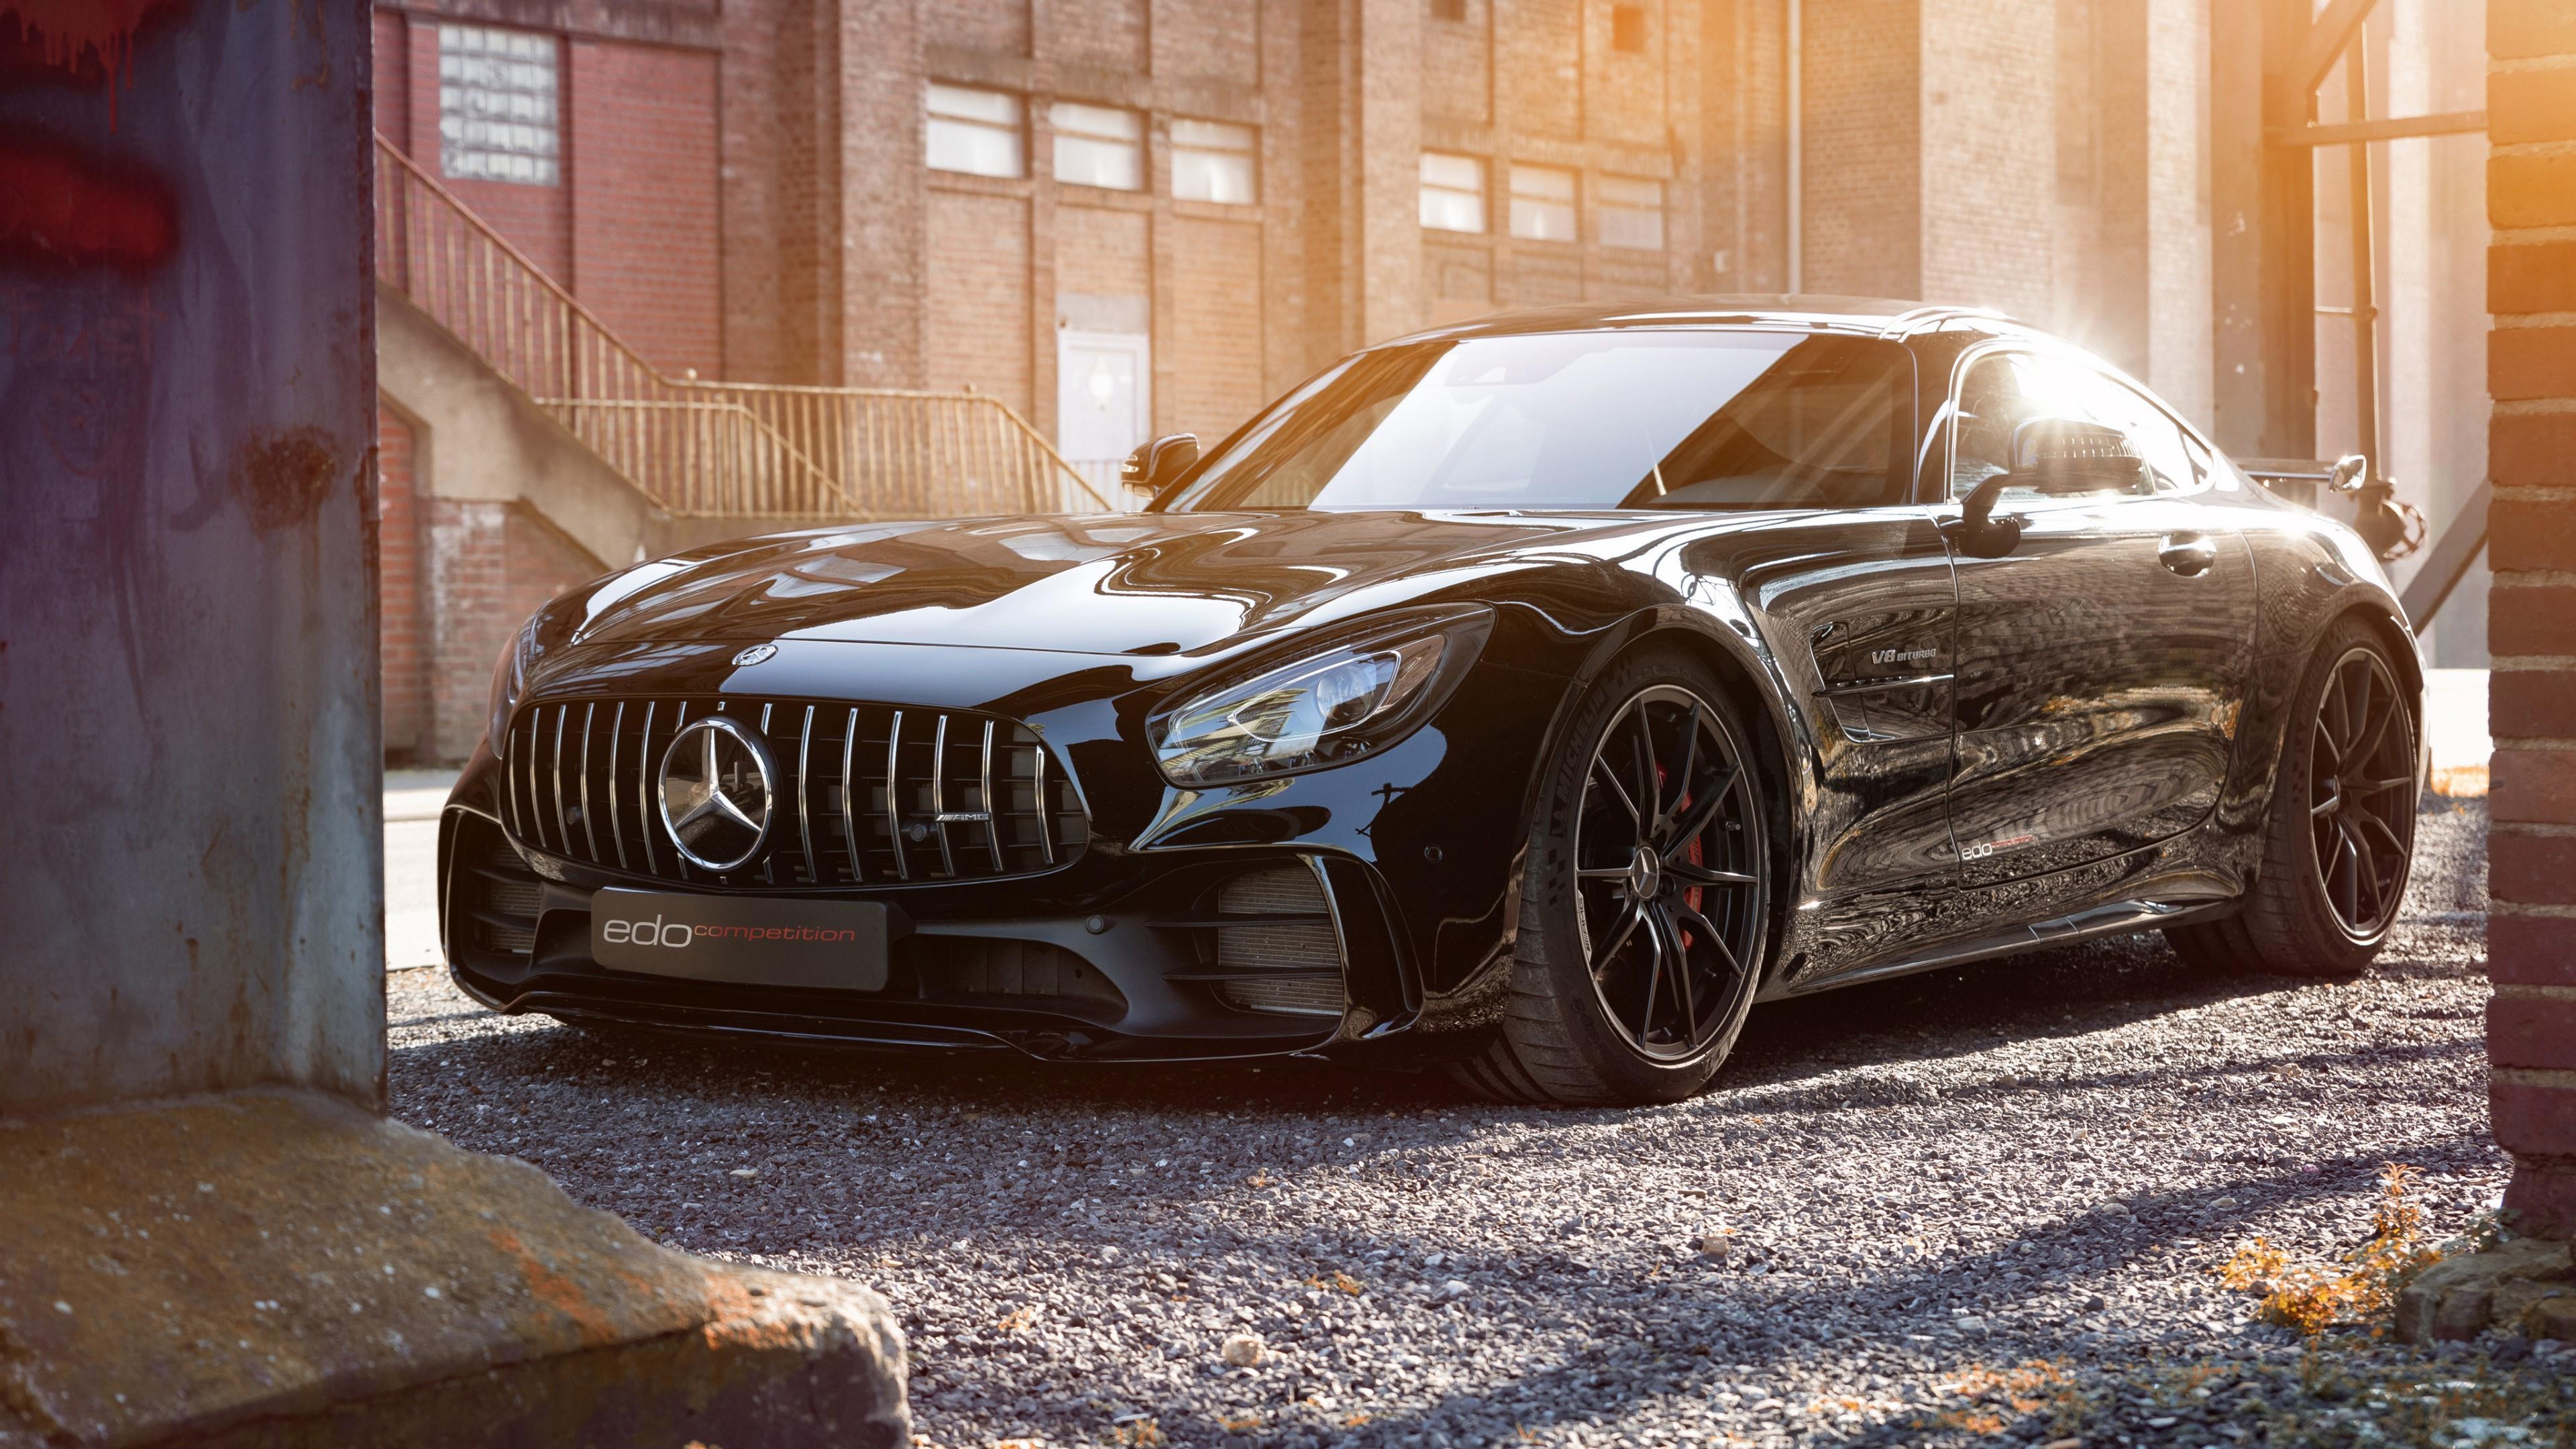 17+ Mercedes Benz Car Wallpaper 4K Pics